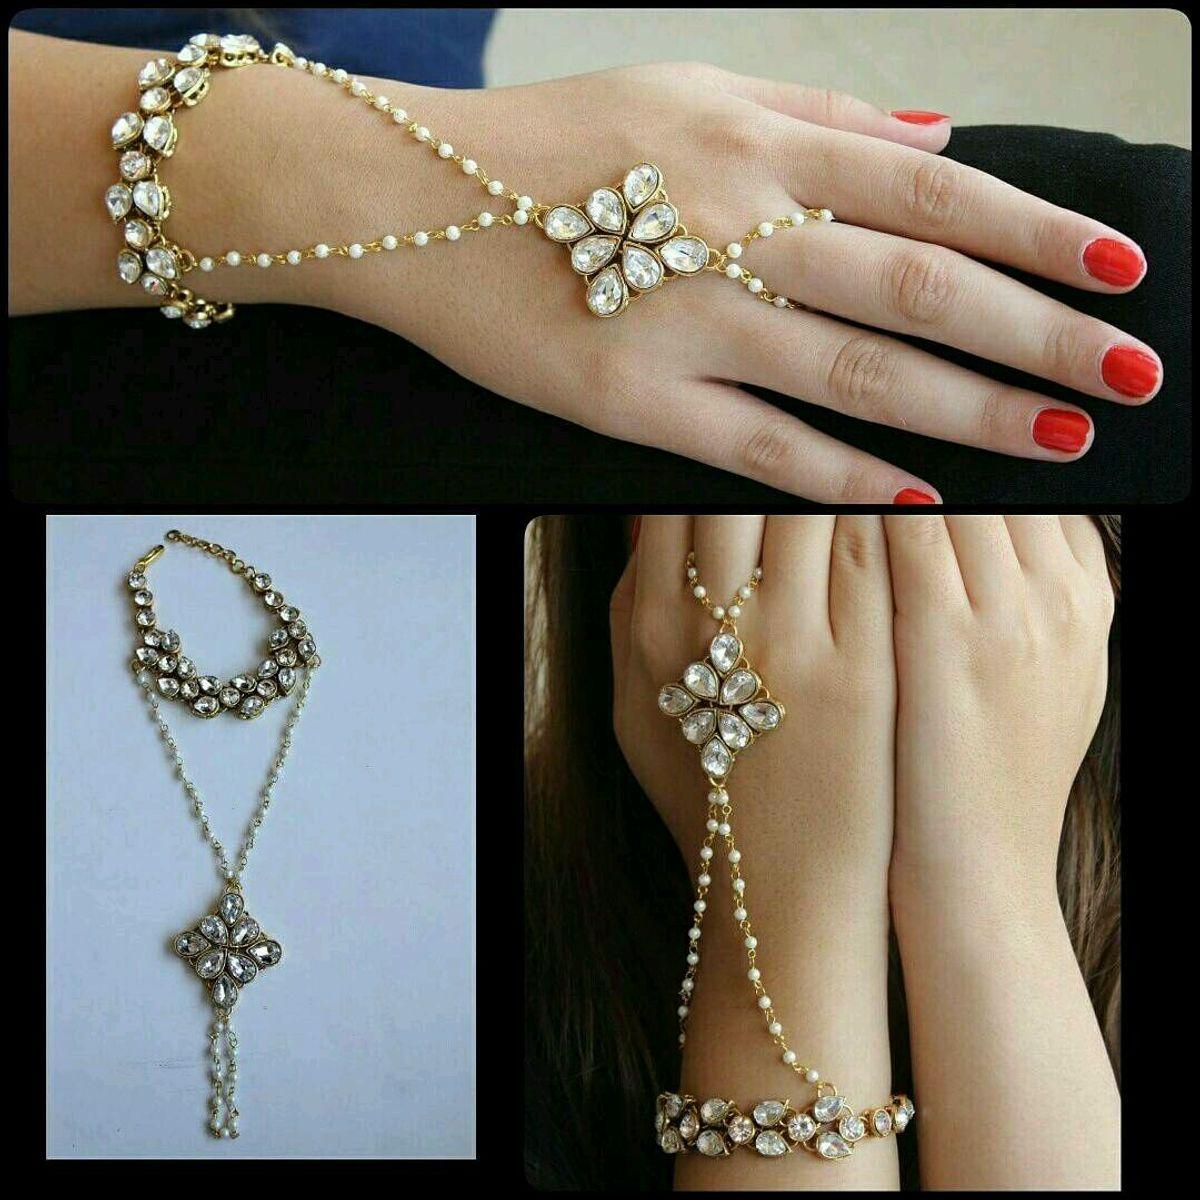 Stone Leaves and Flower Bracelet - Handmade